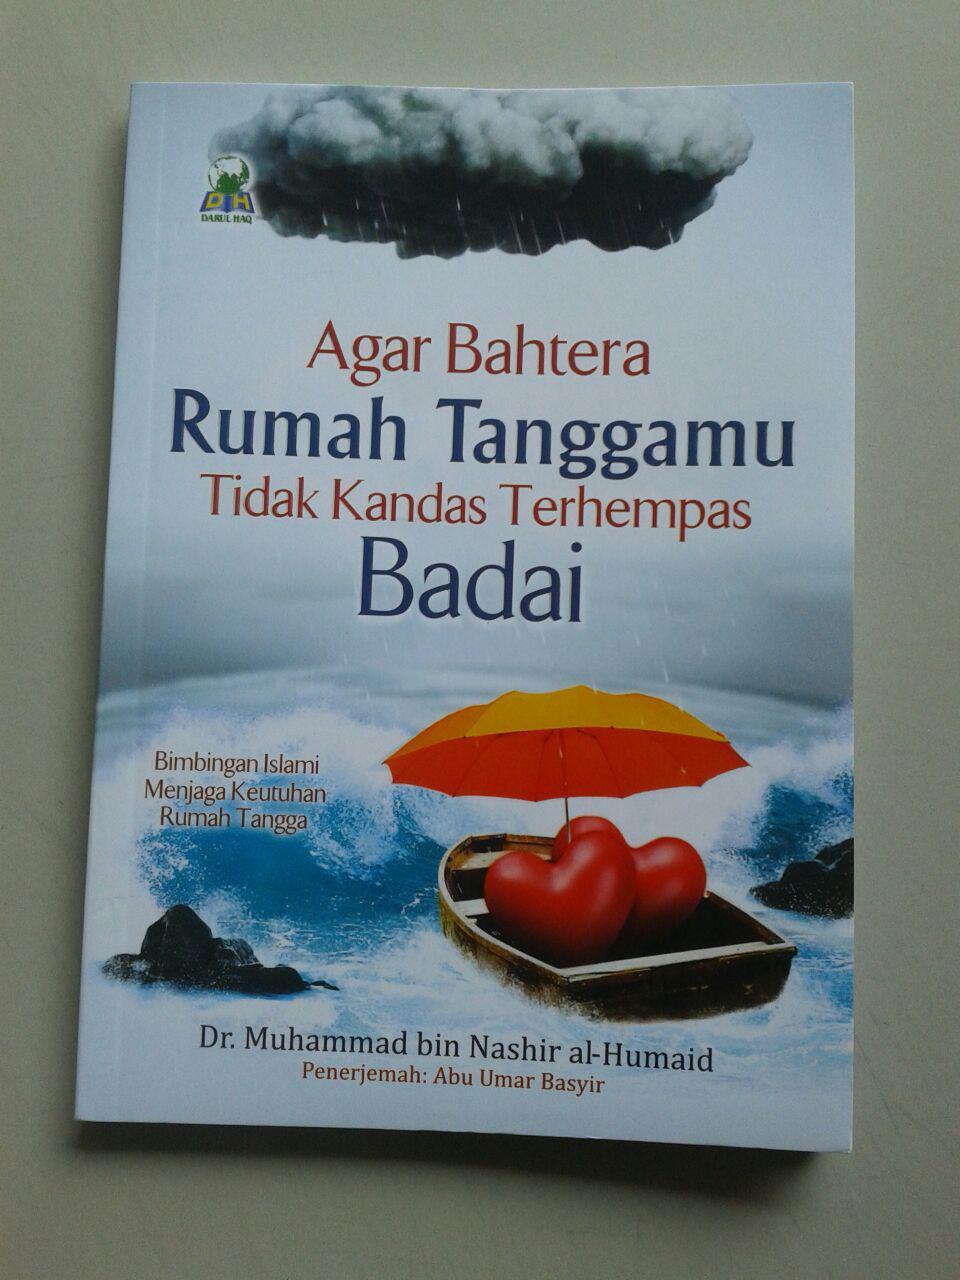 Buku Agar Bahtera Rumah Tanggamu Tidak Kandas Terhempas Badai cover 2